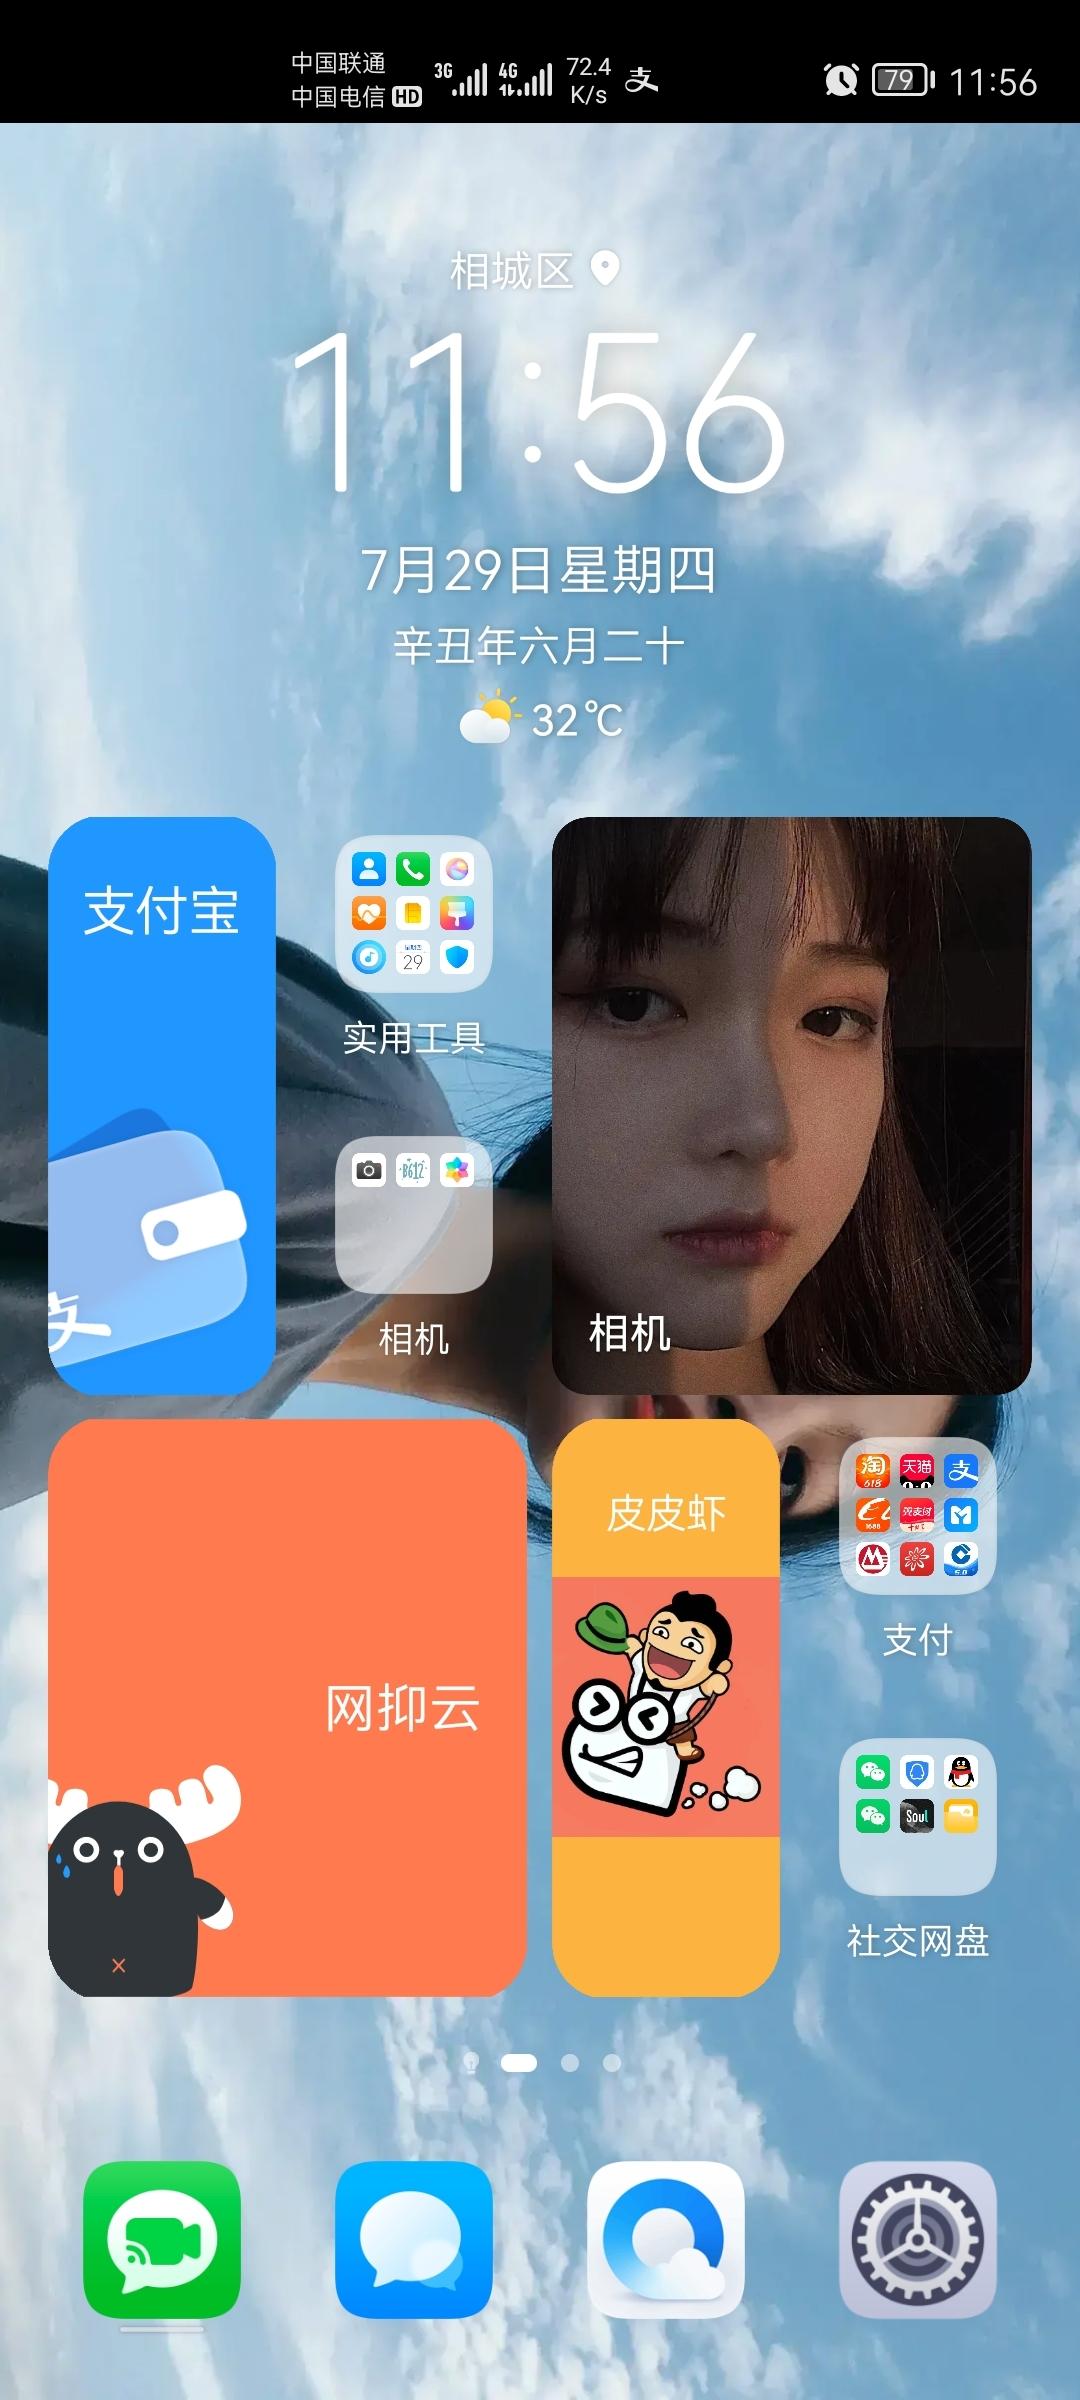 Screenshot_20210729_115654_com.huawei.android.launcher.jpg